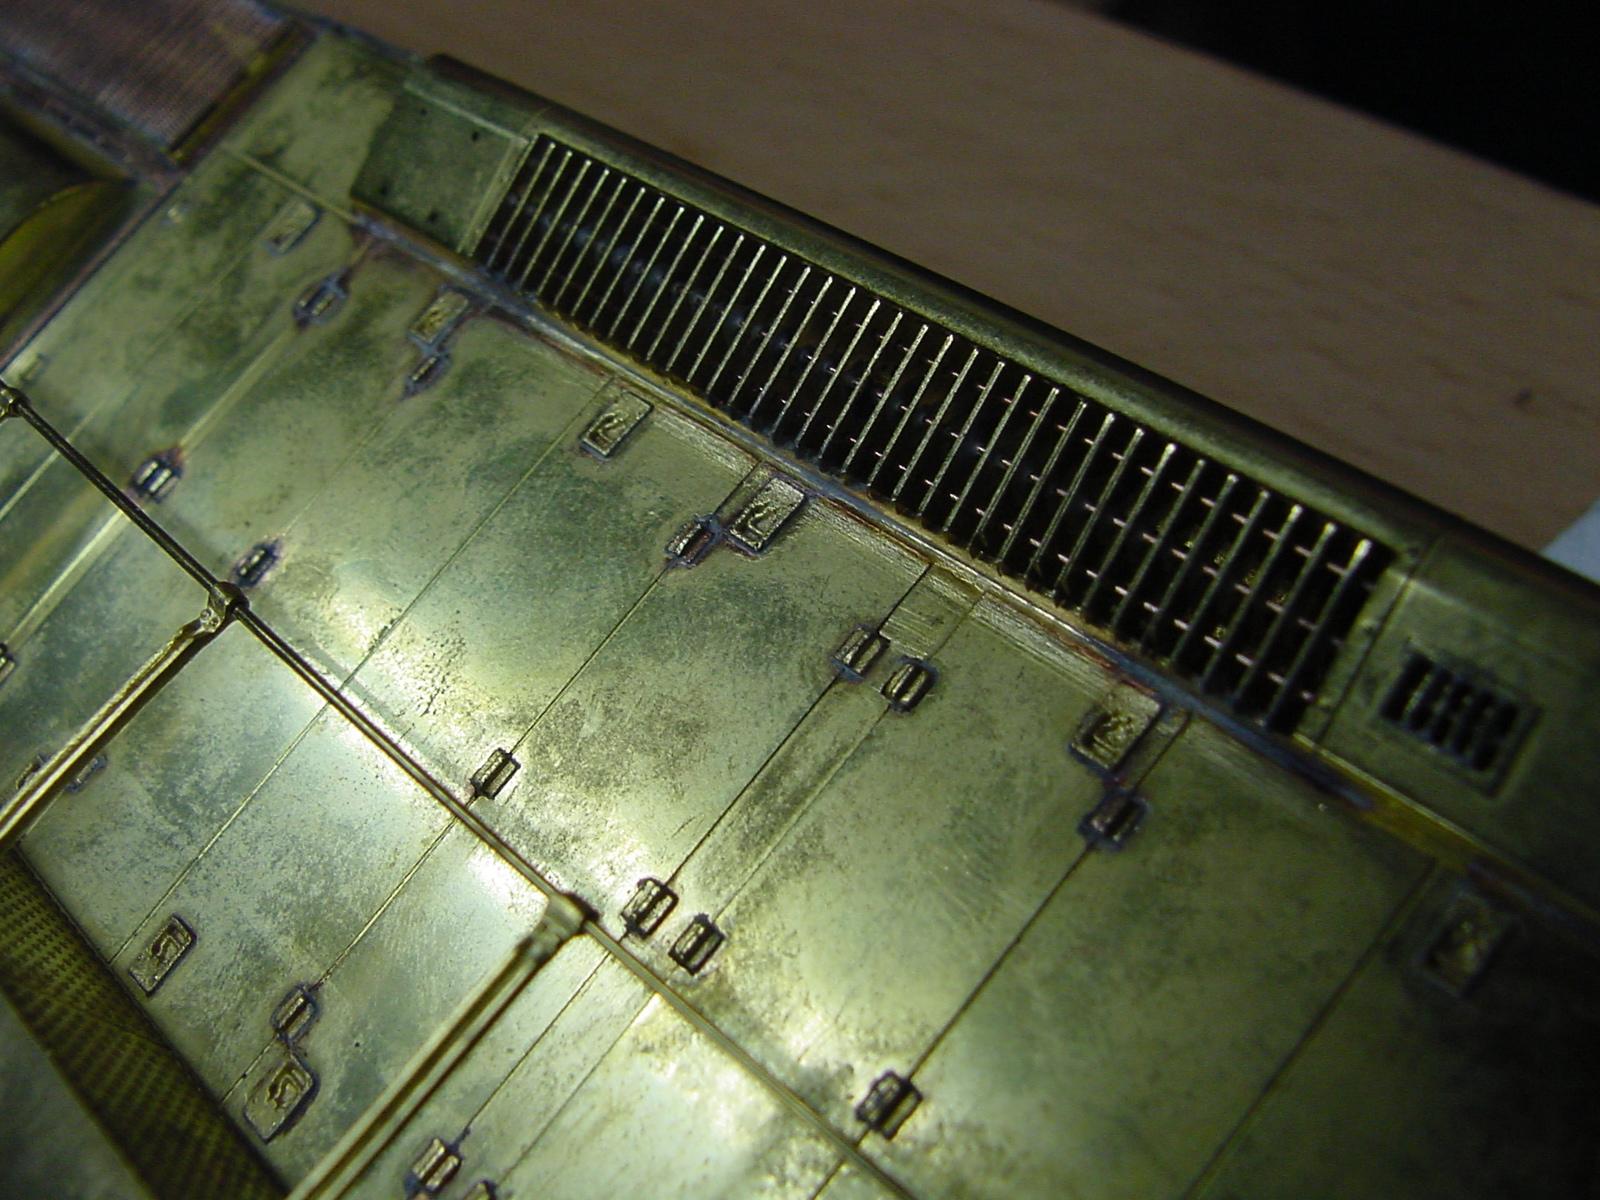 DSC00234 - Midwestern Model Works